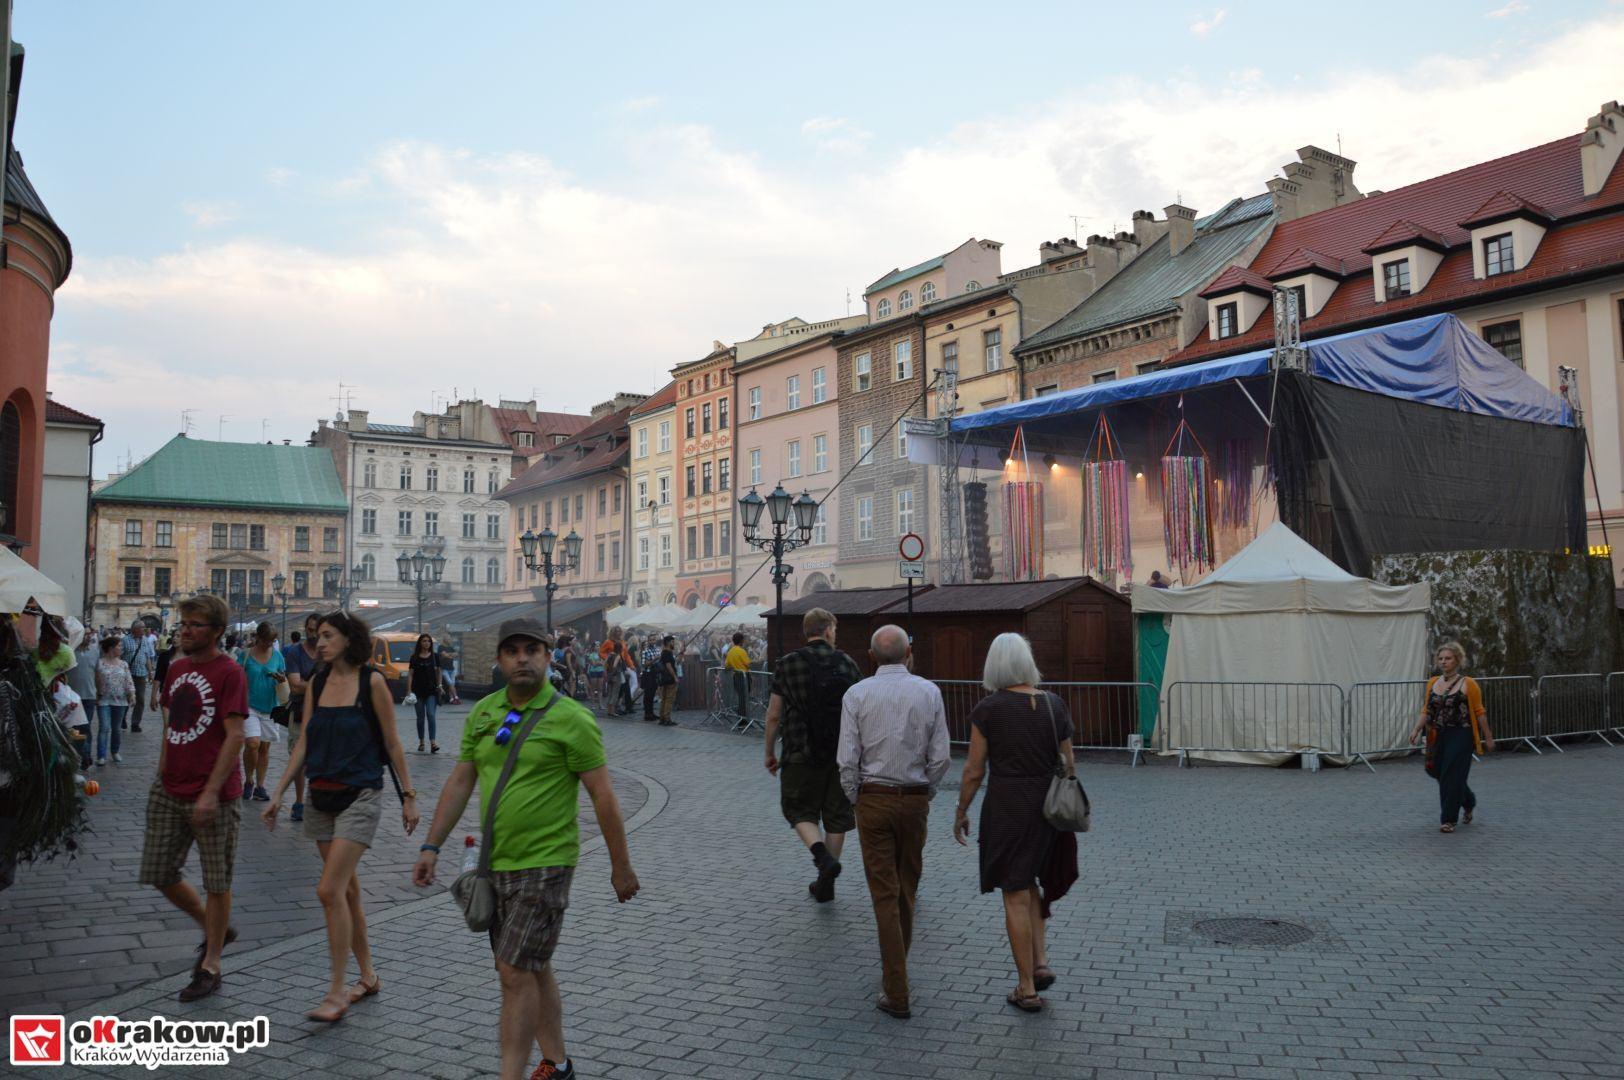 krakow festiwal pierogow maly rynek koncert cheap tobacco 172 150x150 - Galeria zdjęć Festiwal Pierogów Kraków 2018 + zdjęcia z koncertu Cheap Tobacco